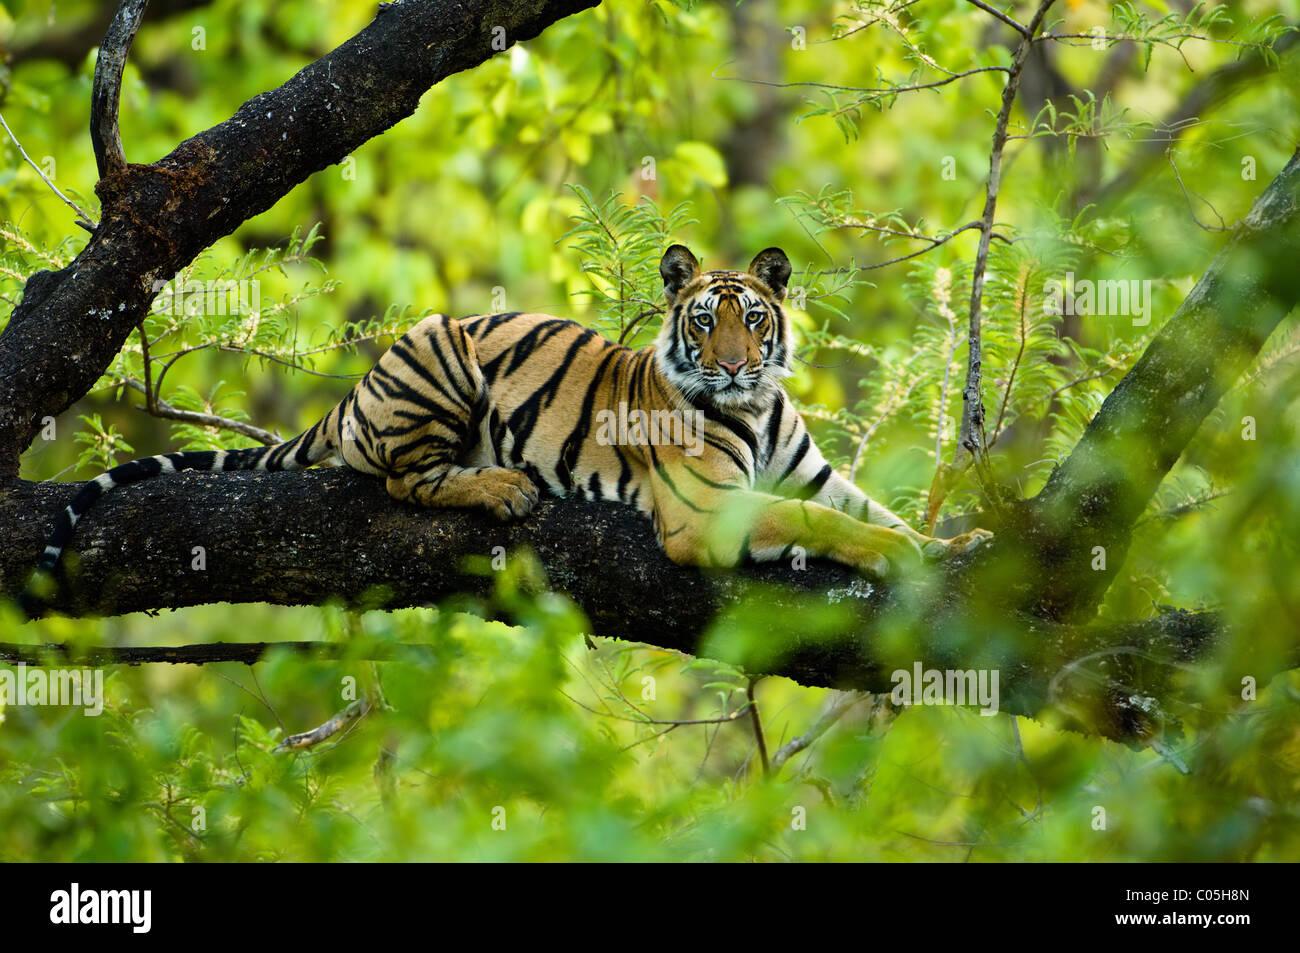 Jugendliche männliche Königstiger (ca. 15 Monate) ruht auf einem Baum. Bandhavgarh NP, Madhya Pradesh, Stockbild